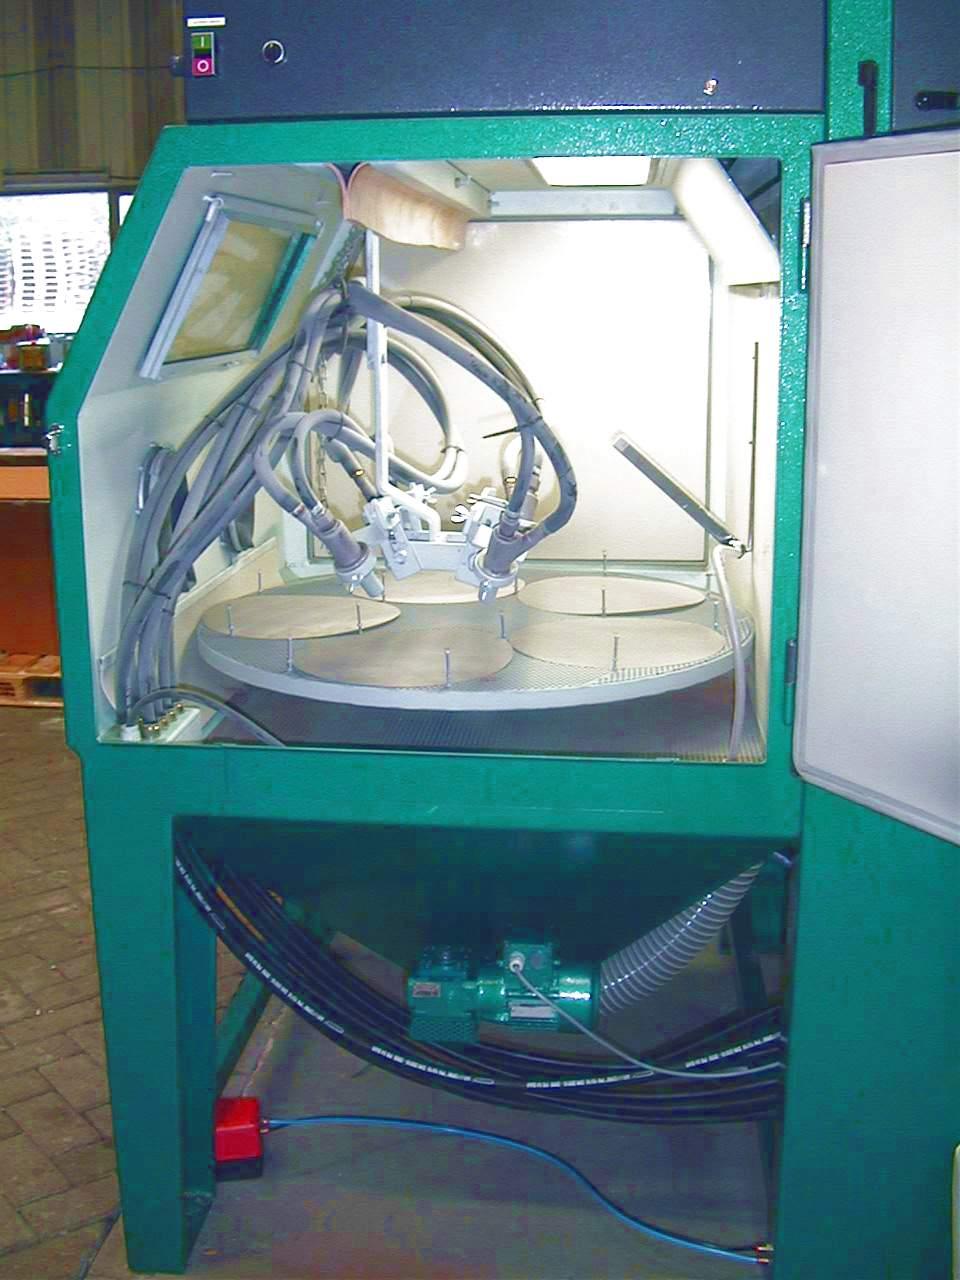 turntable moving nozzles 2_geautomatiseerde straalcabine met draaitafel